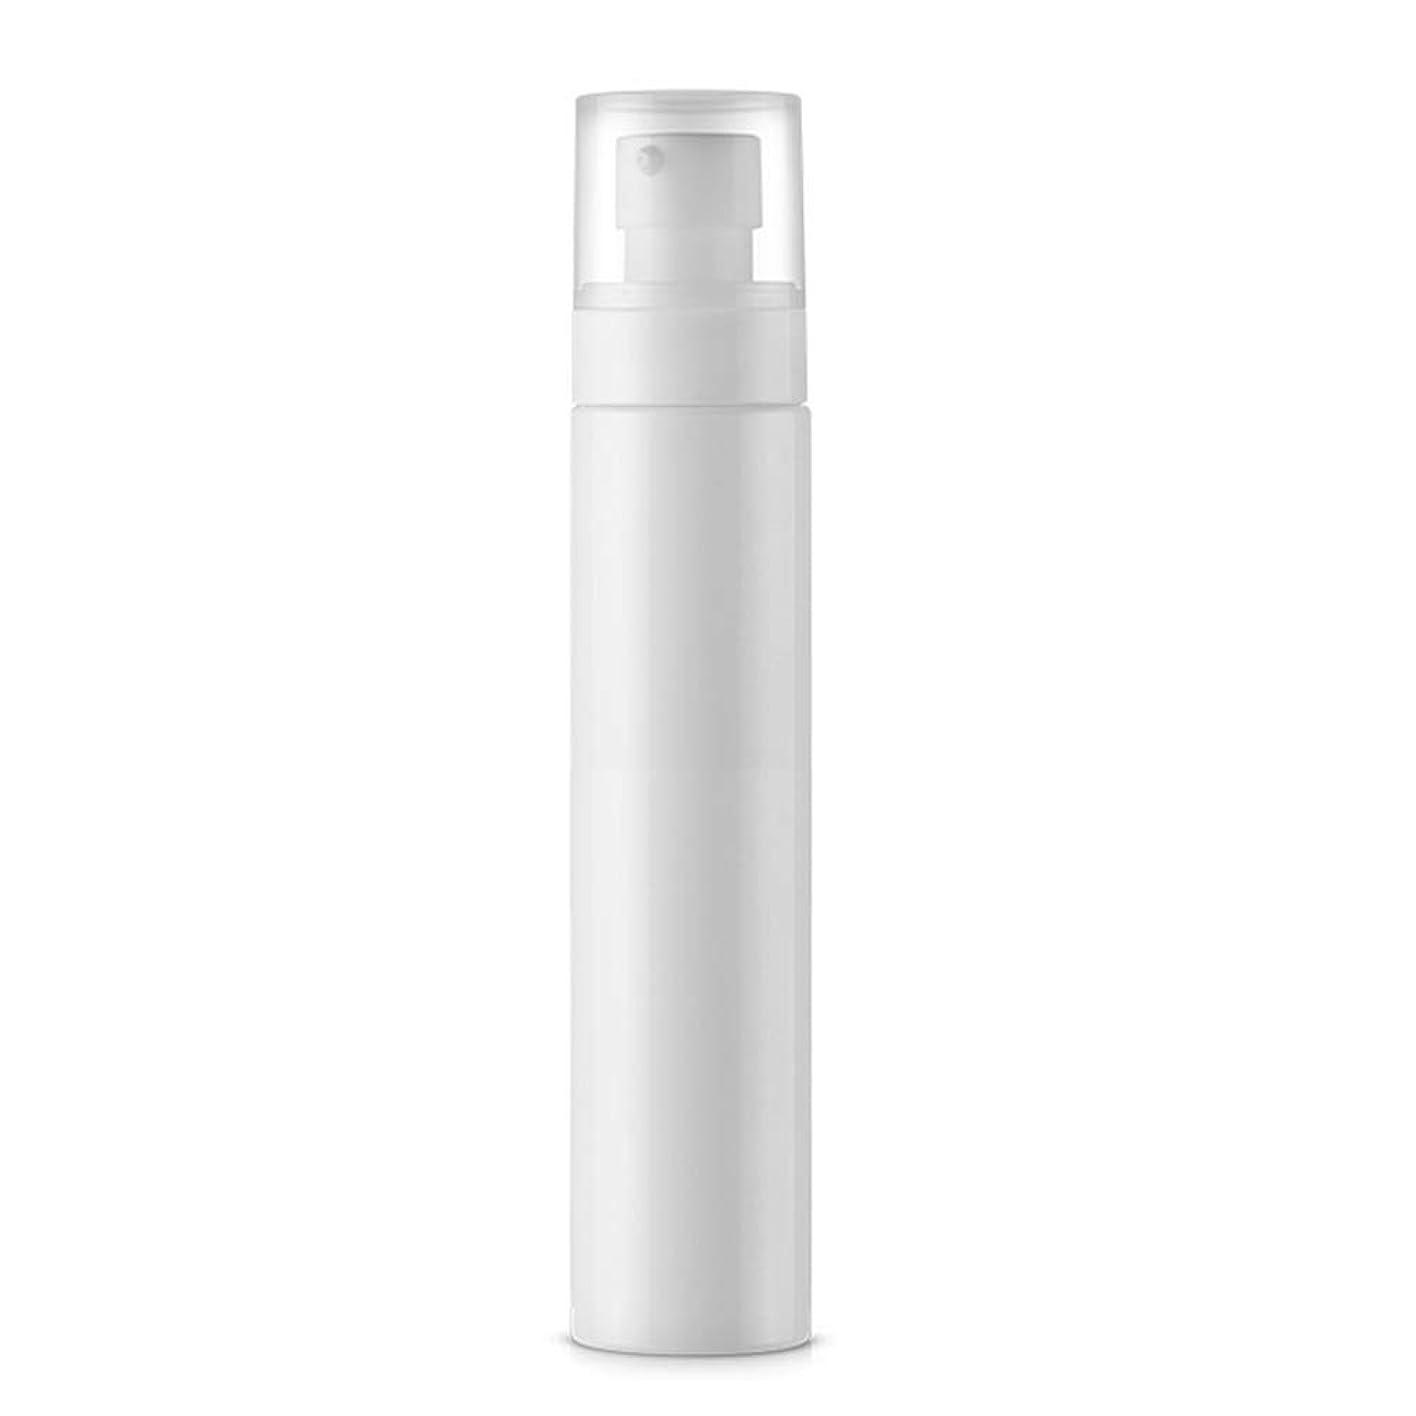 出します姿を消す振り子Vi.yo ポンプボトル 小分けボトル 化粧水 詰替用ボトル 携帯用 旅行 出張 150ml